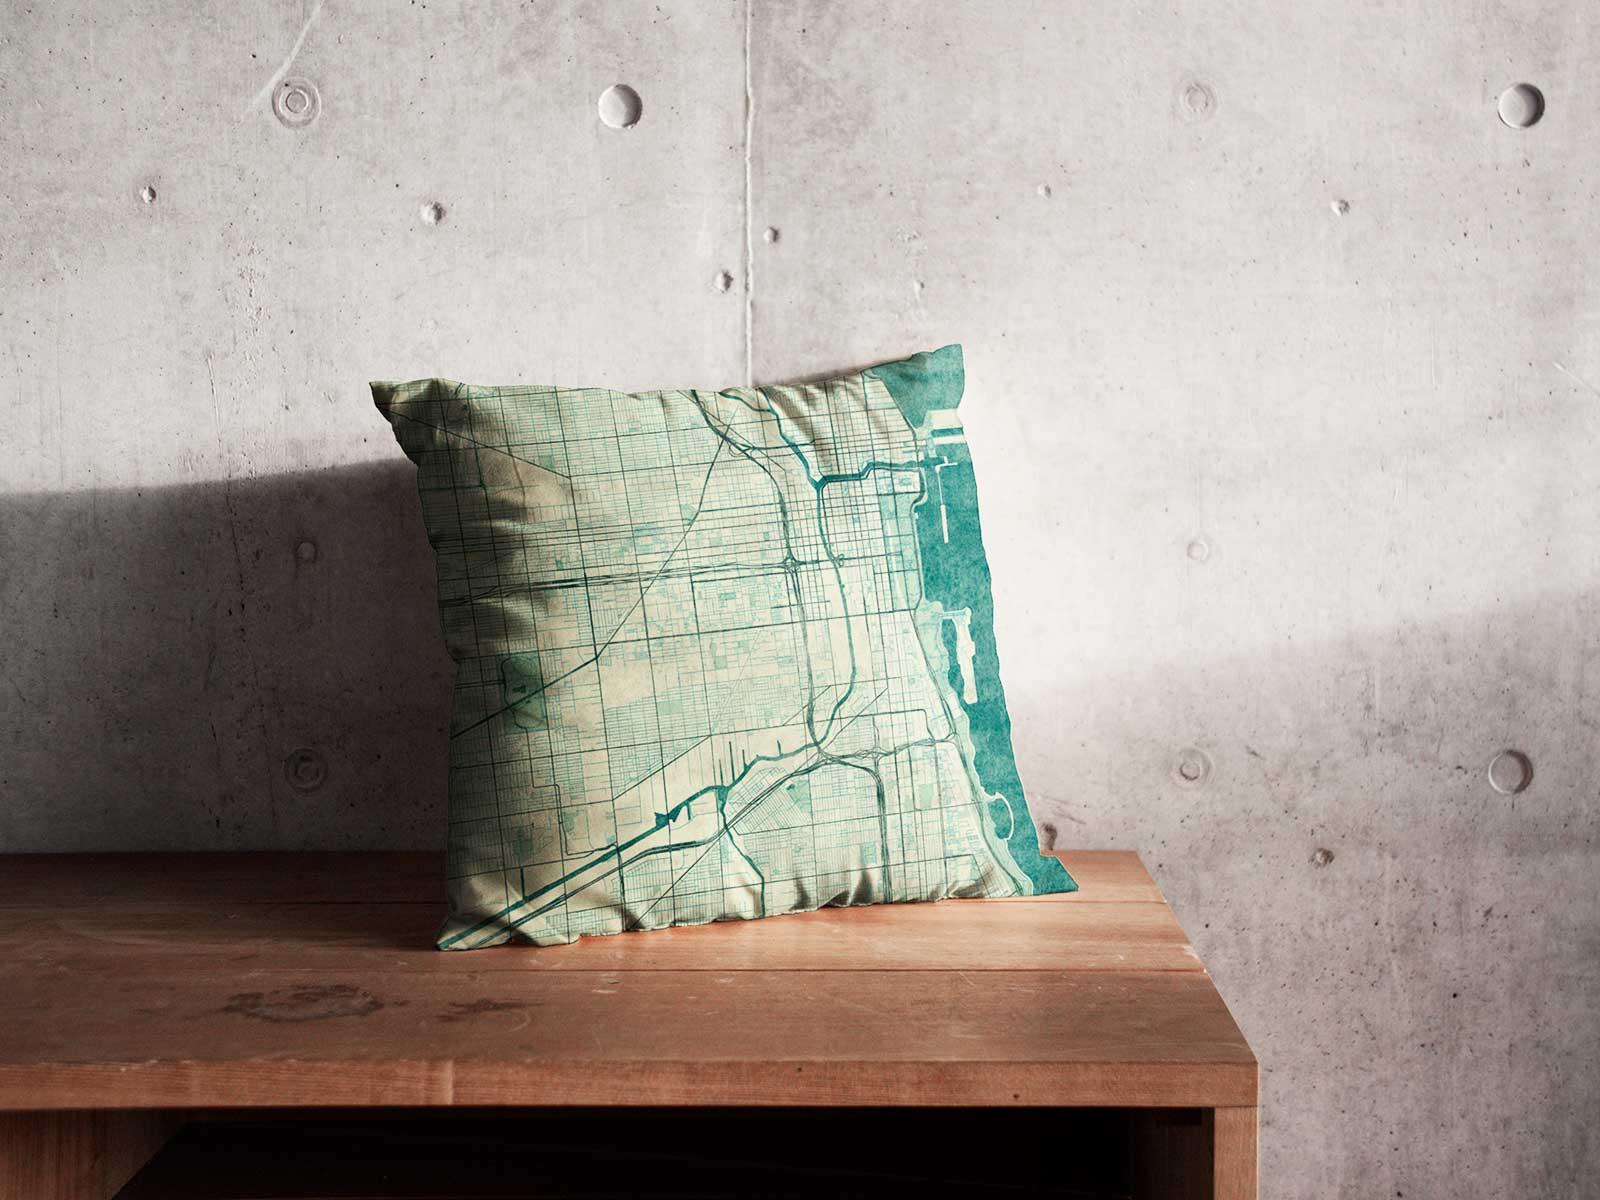 Poduszka z siatką ulic na tle szarej ściany